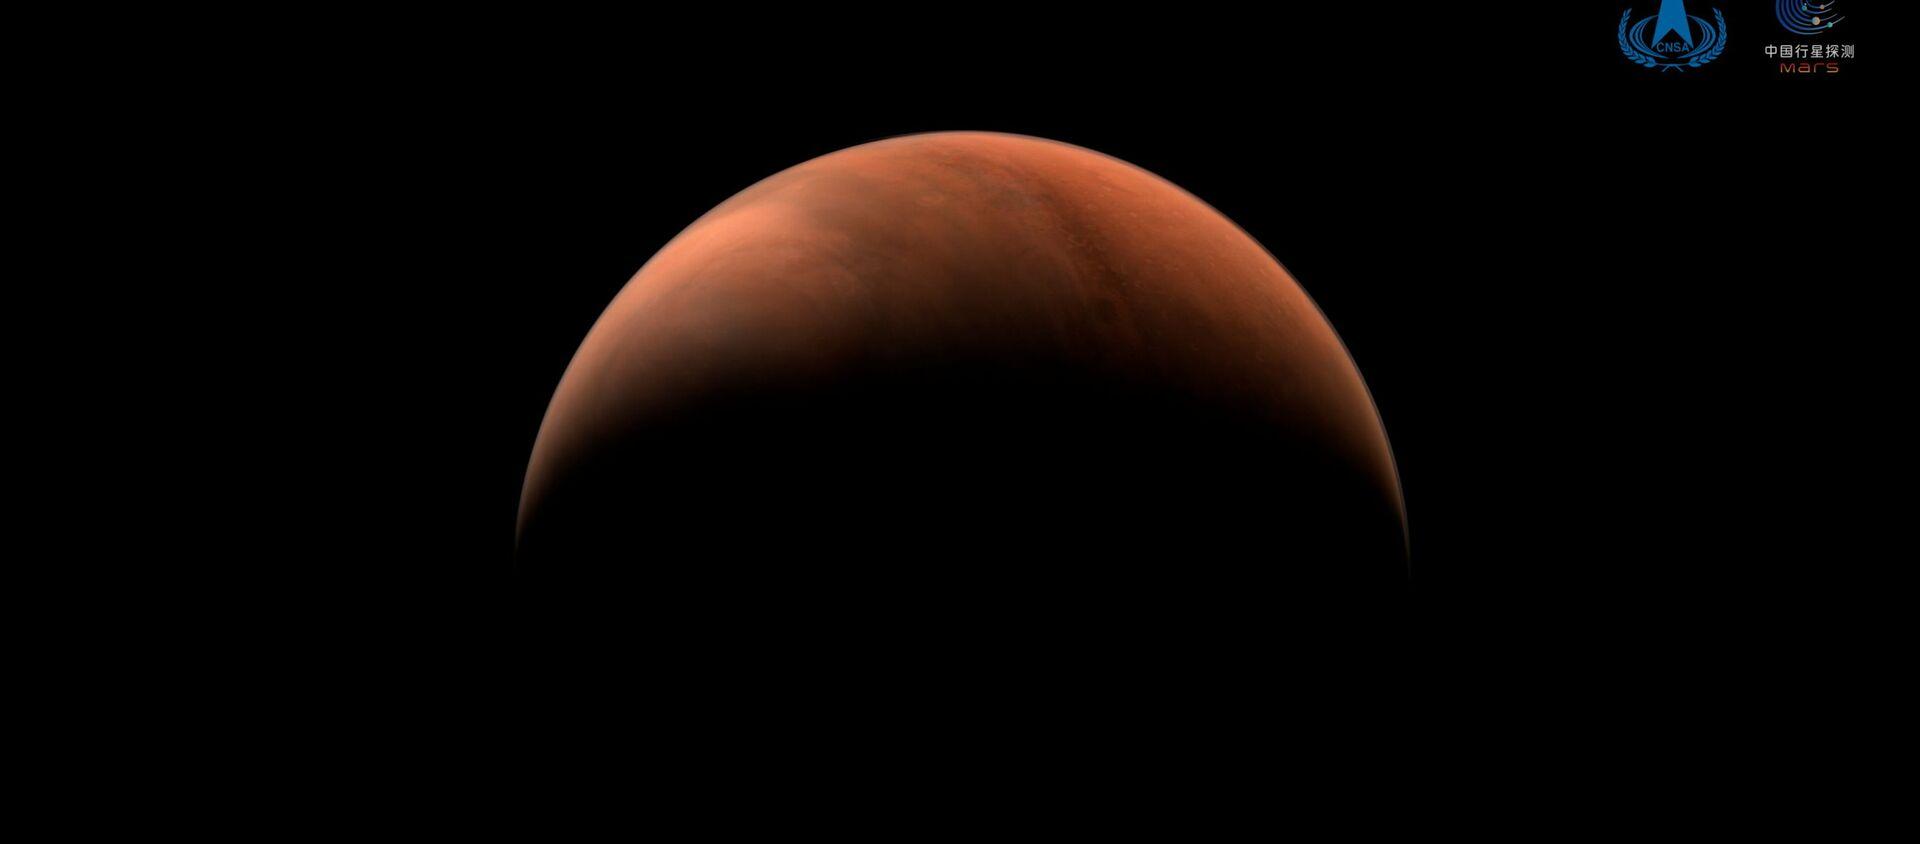 Ảnh chụp sao Hỏa do tàu thăm dò vũ trụ Thiên vấn-1 thực hiện. - Sputnik Việt Nam, 1920, 28.03.2021